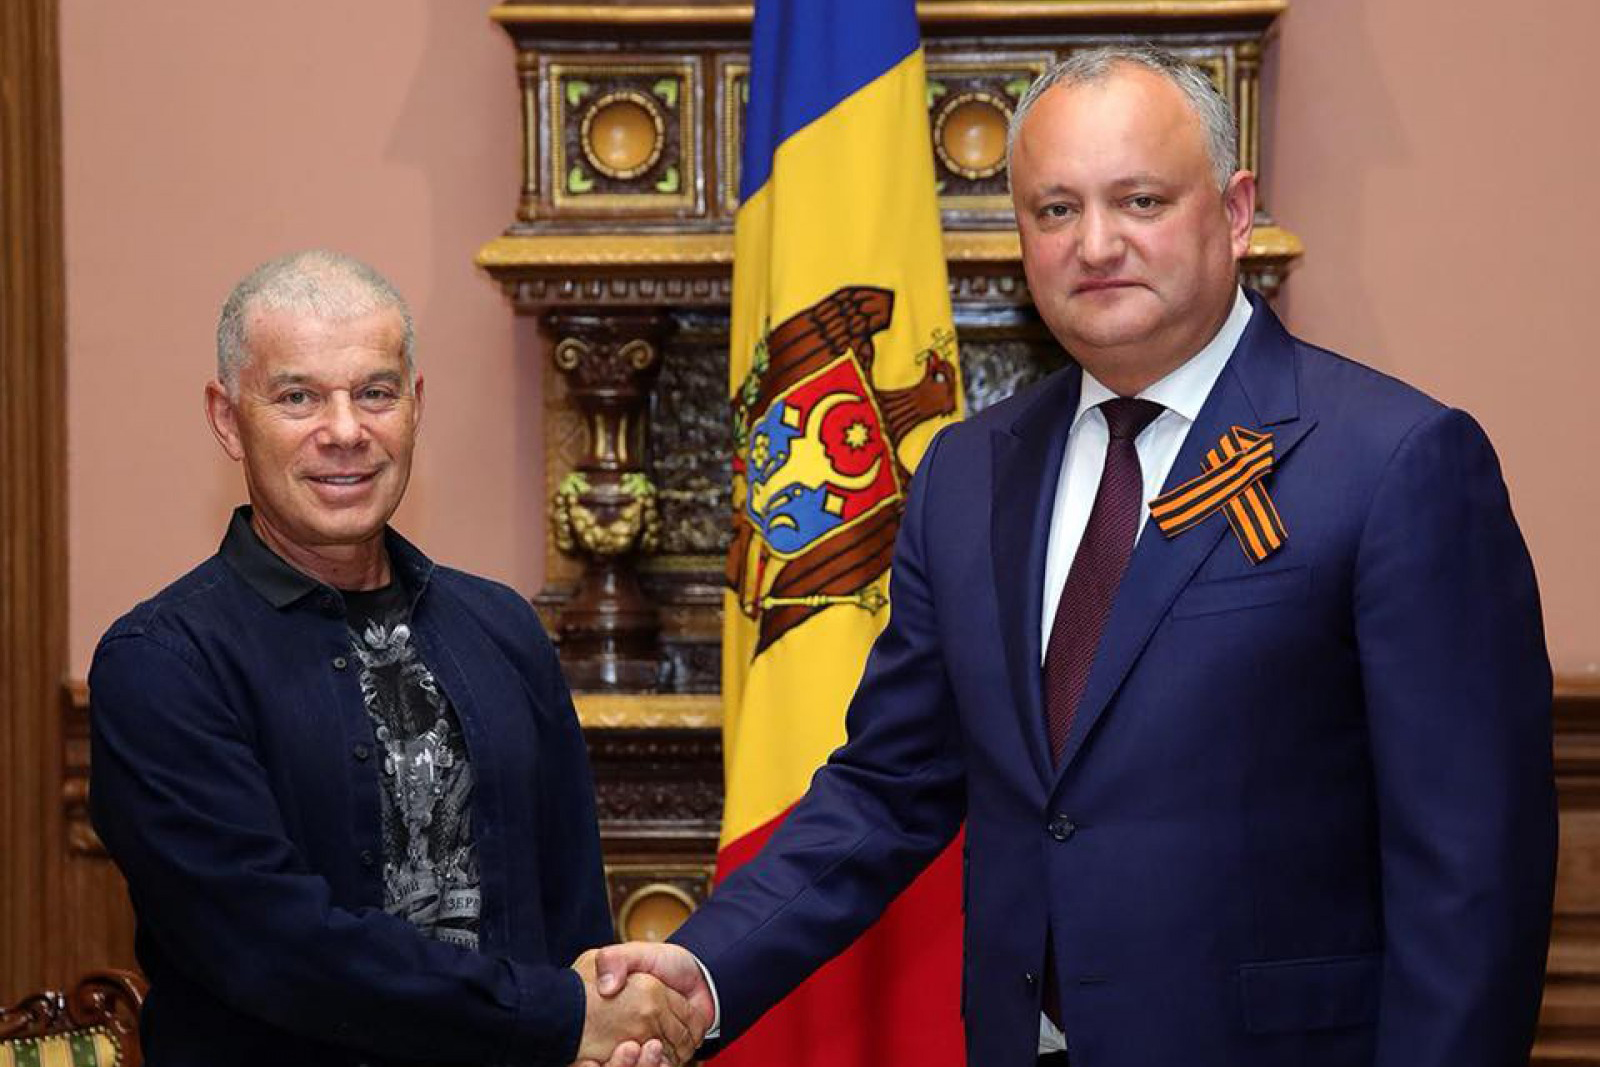 (foto) Igor Dodon, cu panglica Sfântului Gheorghe în piept, împarte Decrete la veterani. S-a întâlnit cu Gazmanov și Maidanov